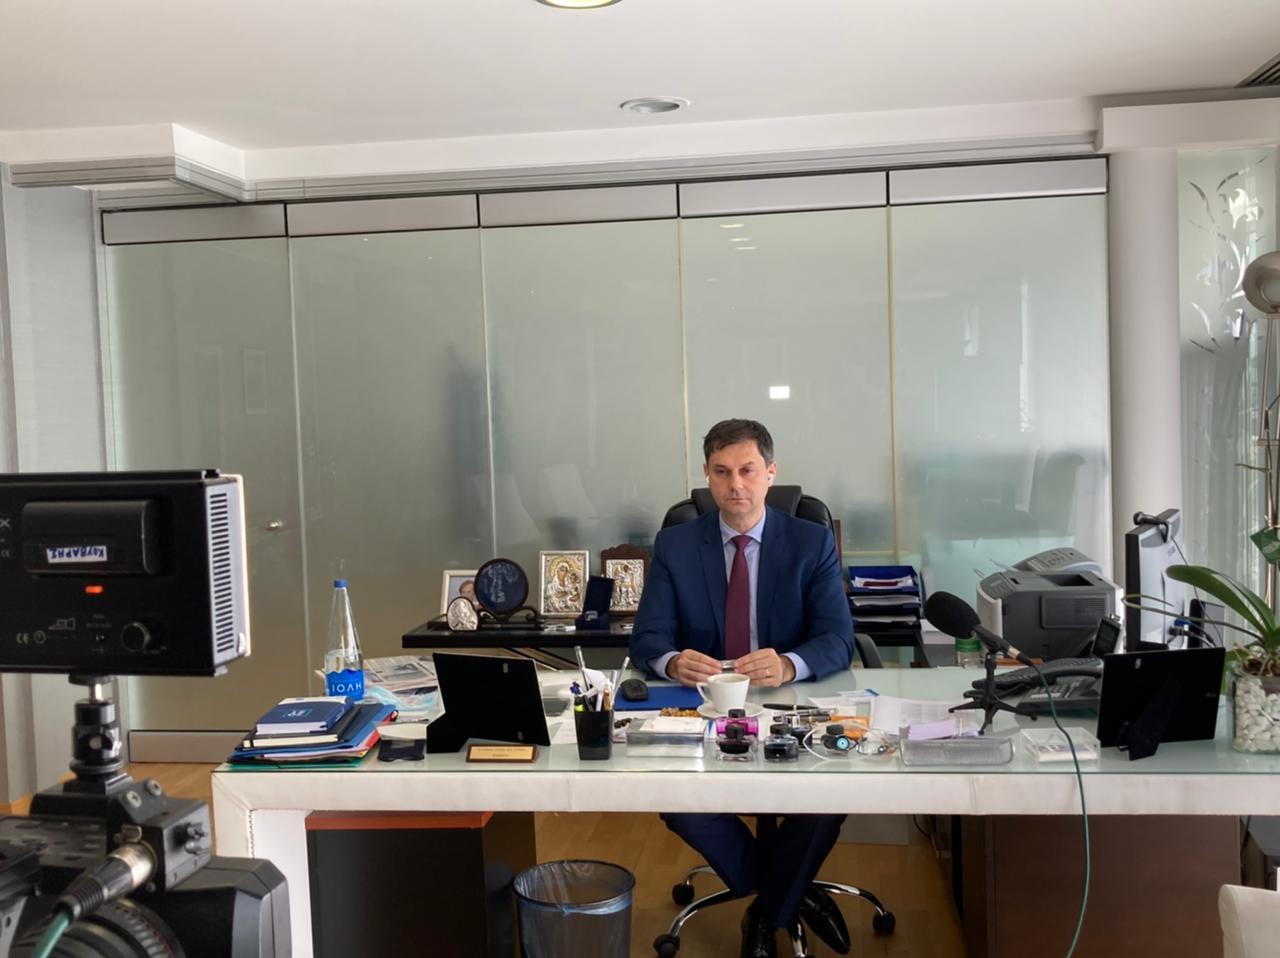 Κοινή Υπουργική Απόφαση για την έκτακτη οικονομική ενίσχυση των τουριστικών λεωφορείων υπέγραψε ο Υπουργός Τουρισμού κ. Χάρης Θεοχάρης